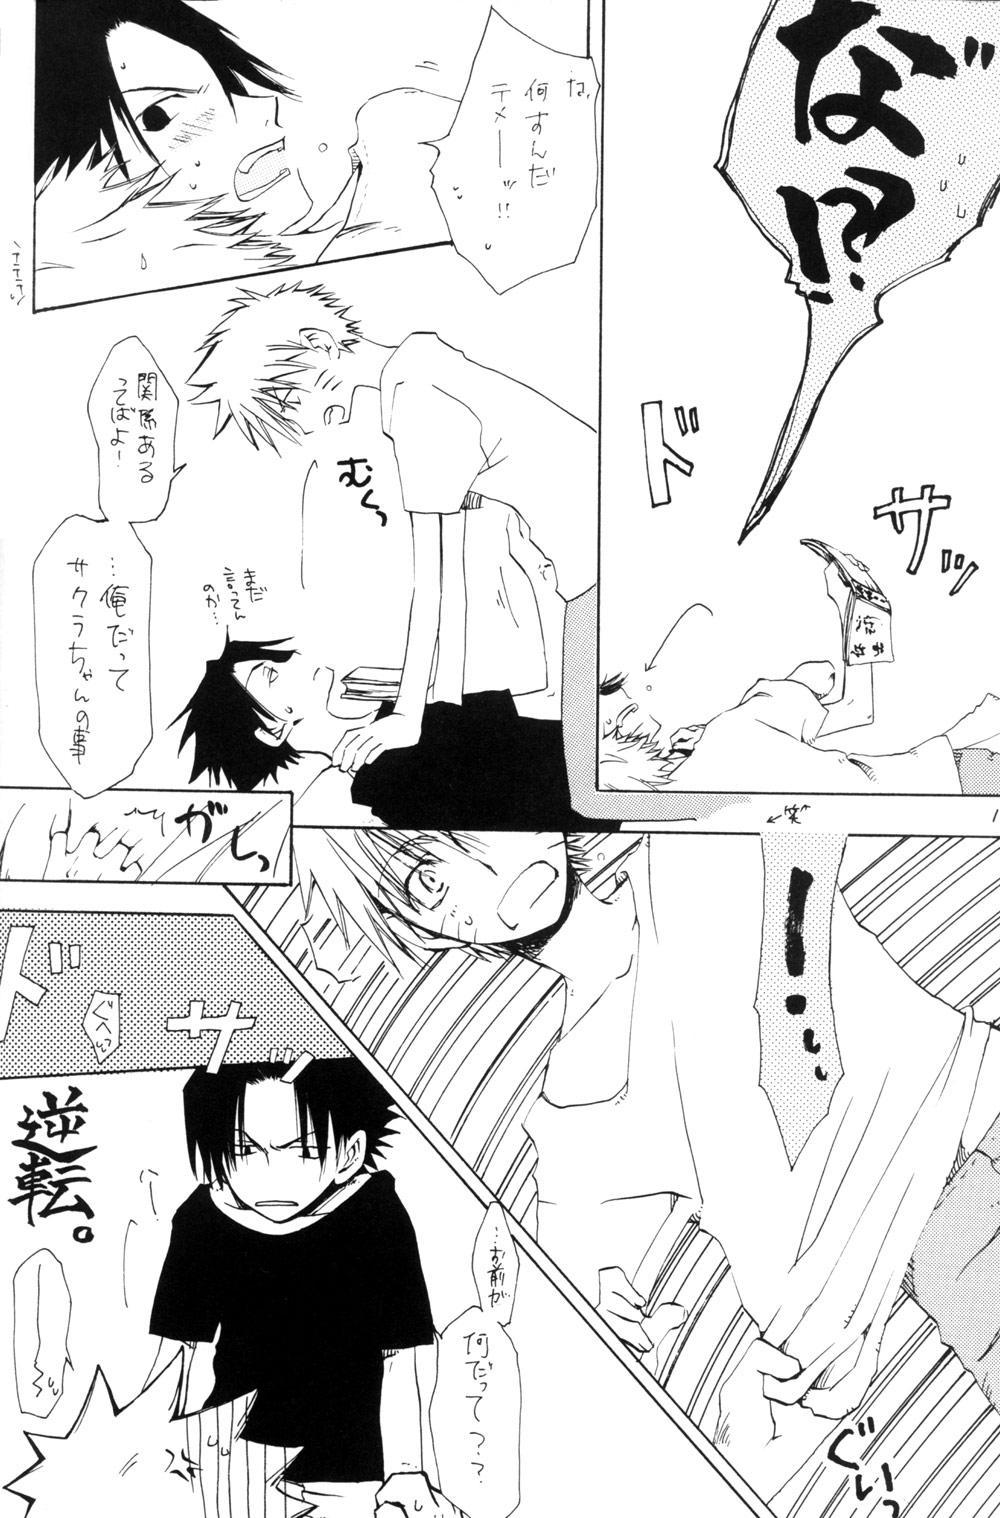 Watch Out!! (NARUTO) [Kakashi X Naruto - Sasuke X Naruto] YAOI 15